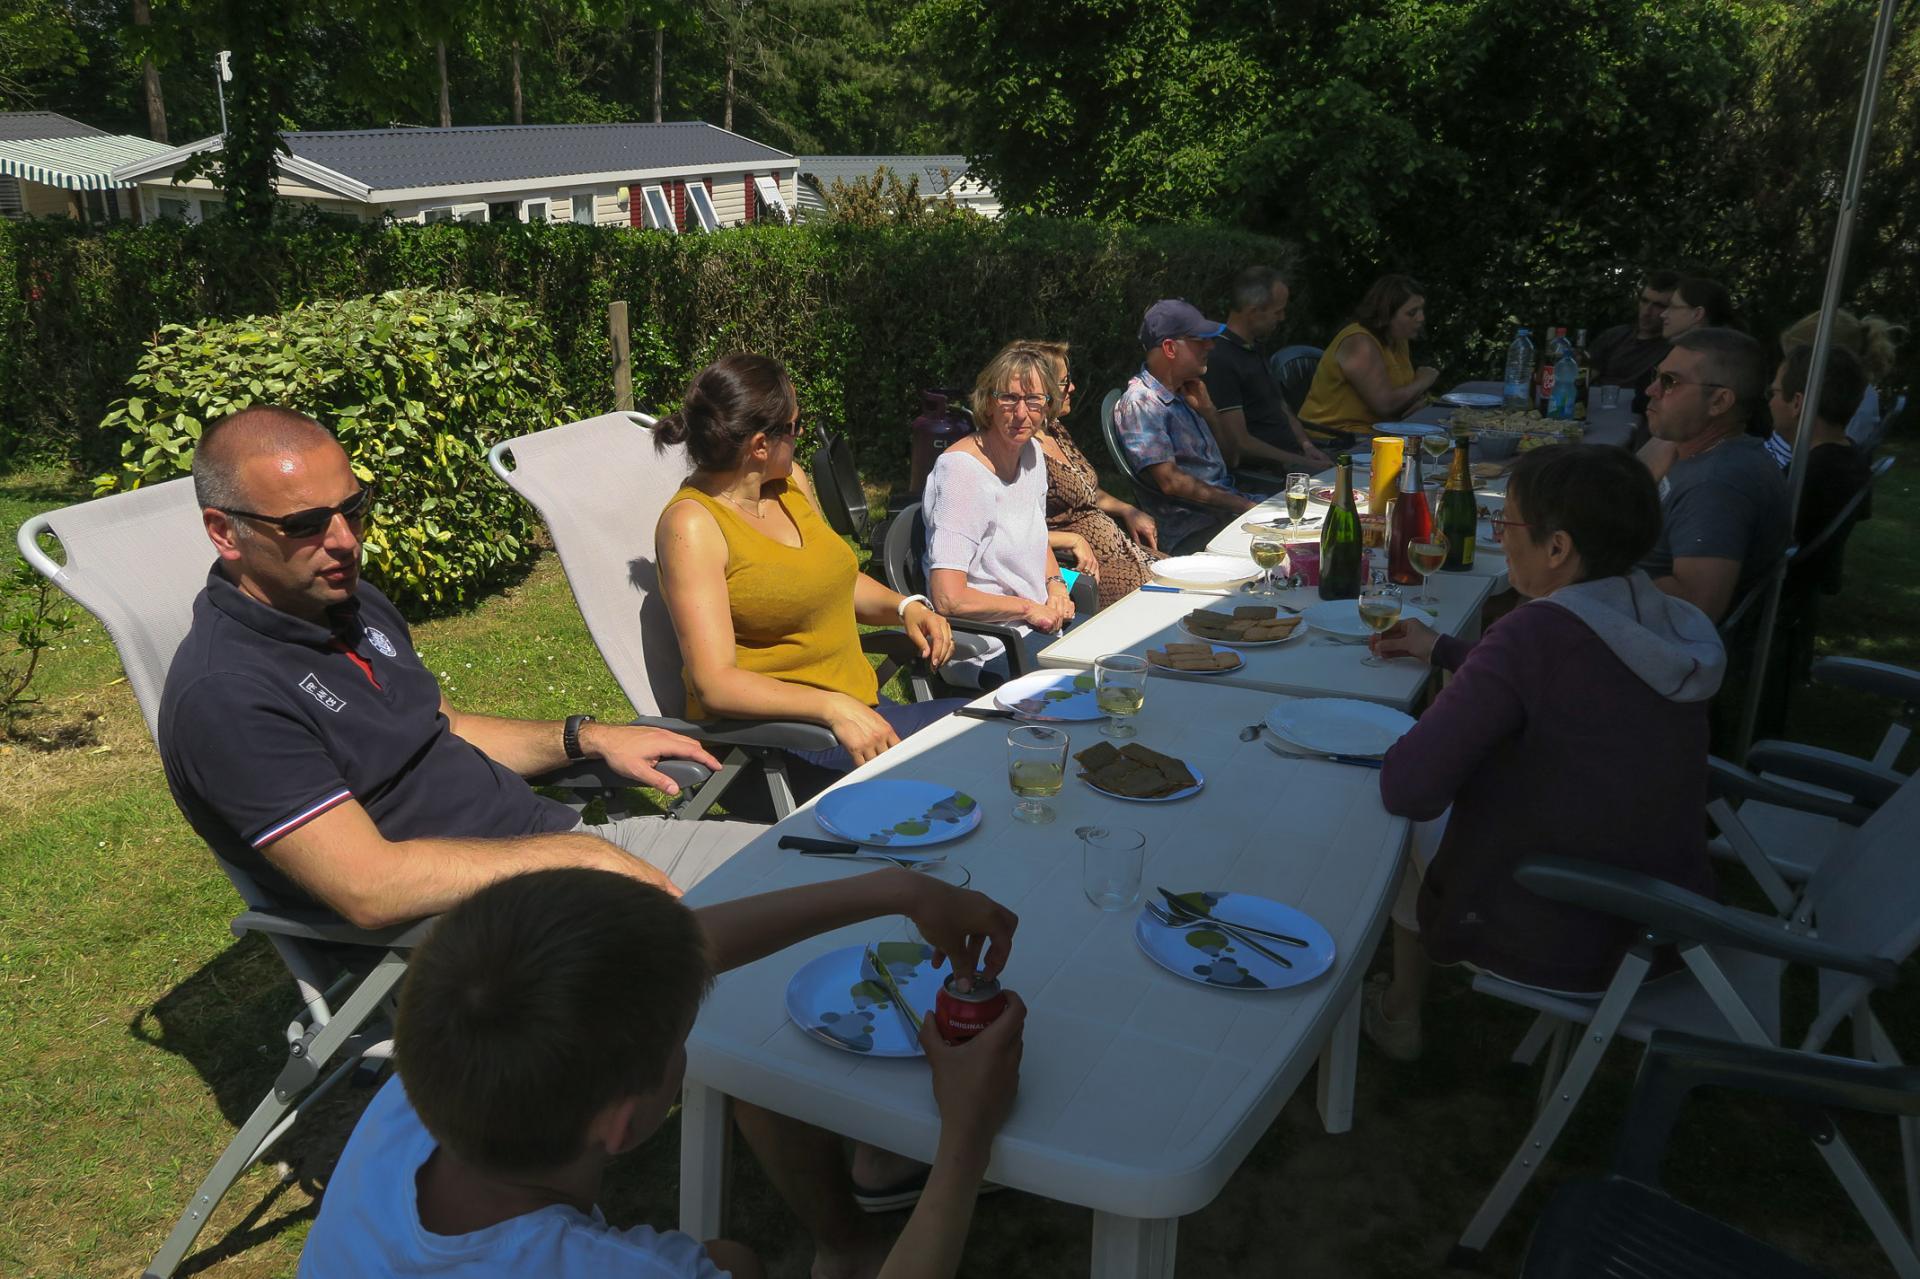 2018_05_19 Week-end famille VTT à St Alban-11